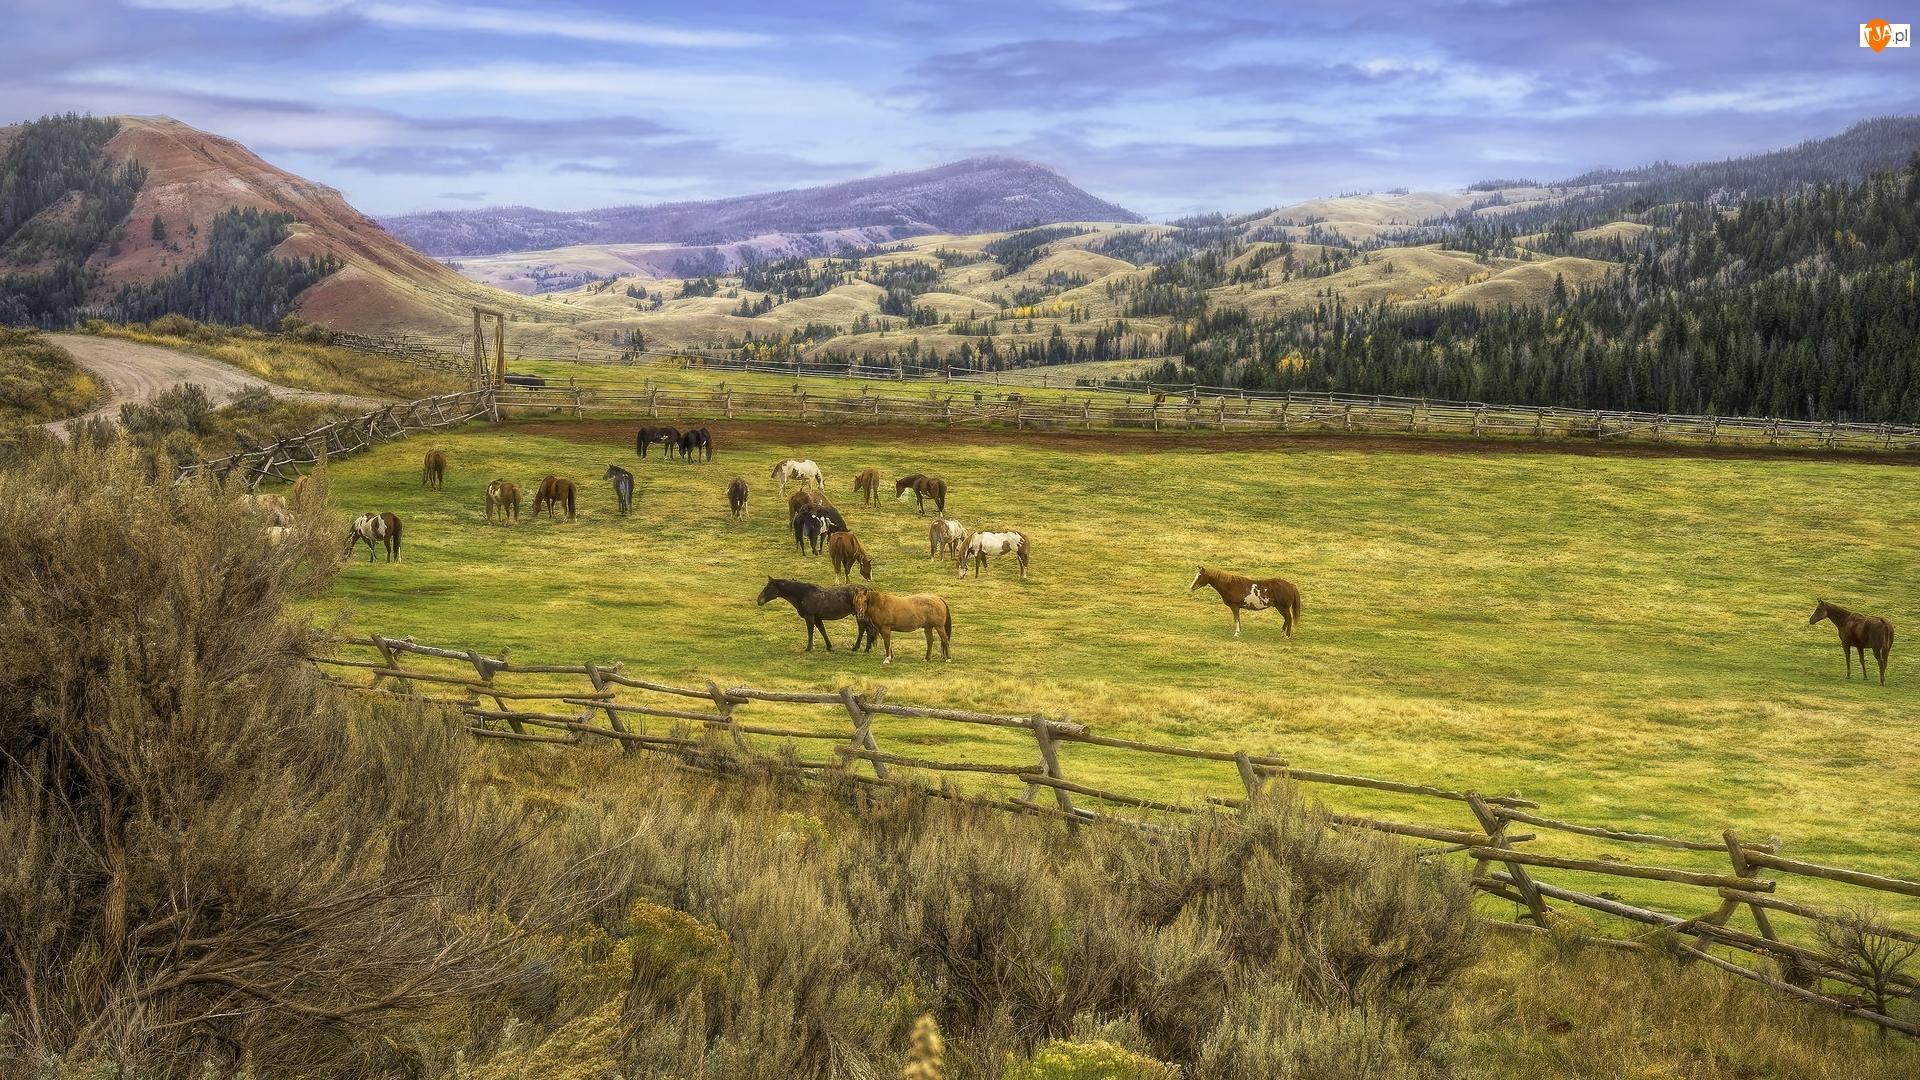 Hrabstwo Teton, Farma, Konie, Stan Wyoming, Pastwisko, Góry, Stany Zjednoczone, Red Hills Ranch